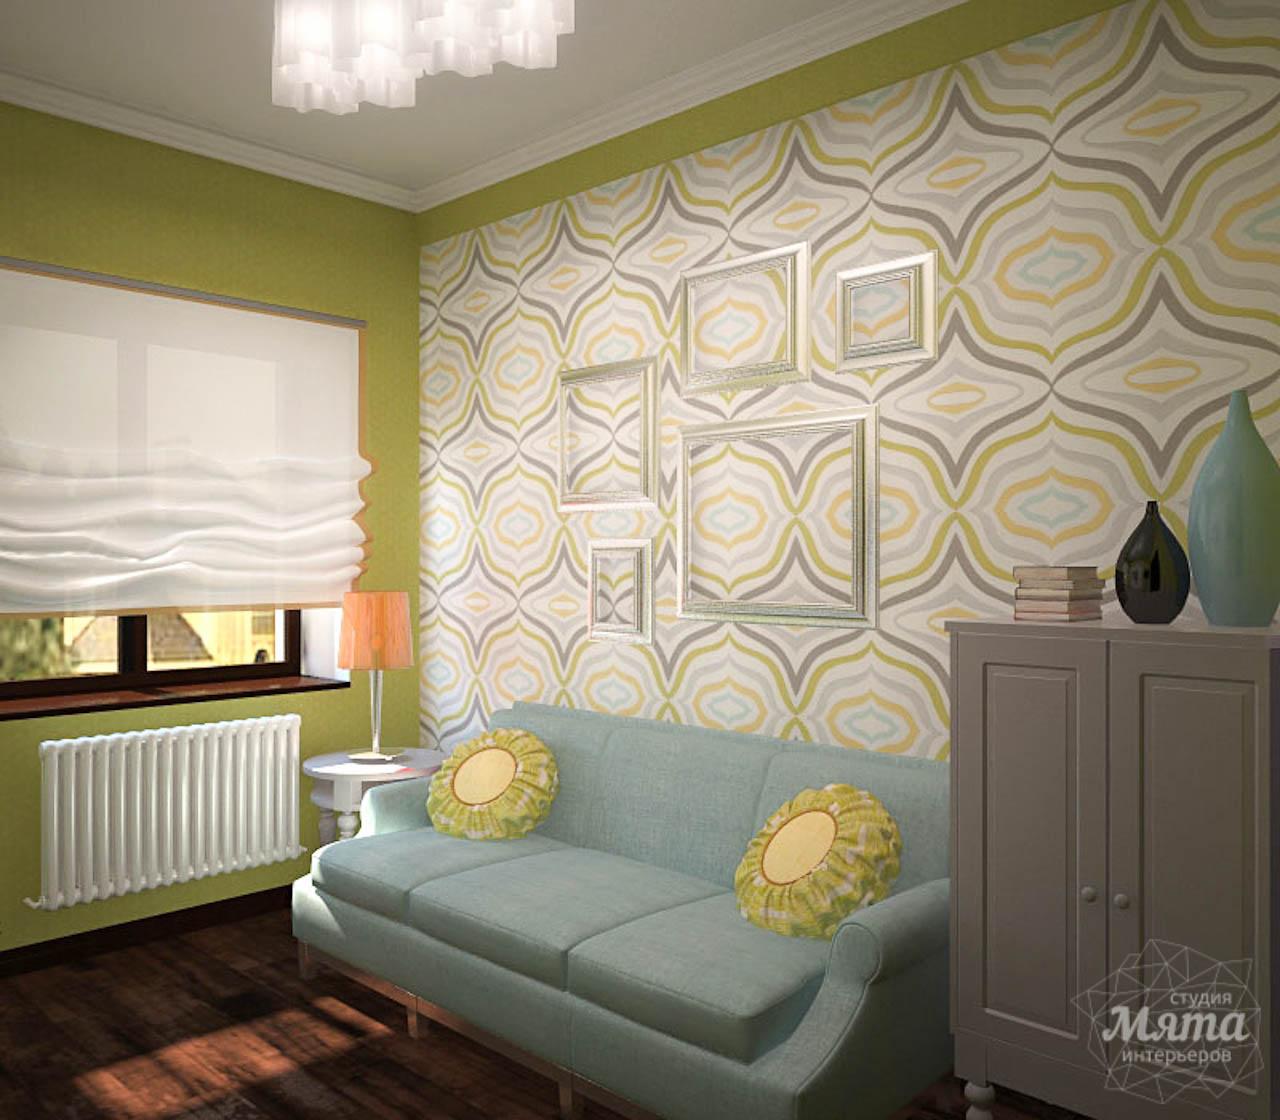 Дизайн интерьера коттеджа первого этажа по ул. Урожайная 17 img1277807194